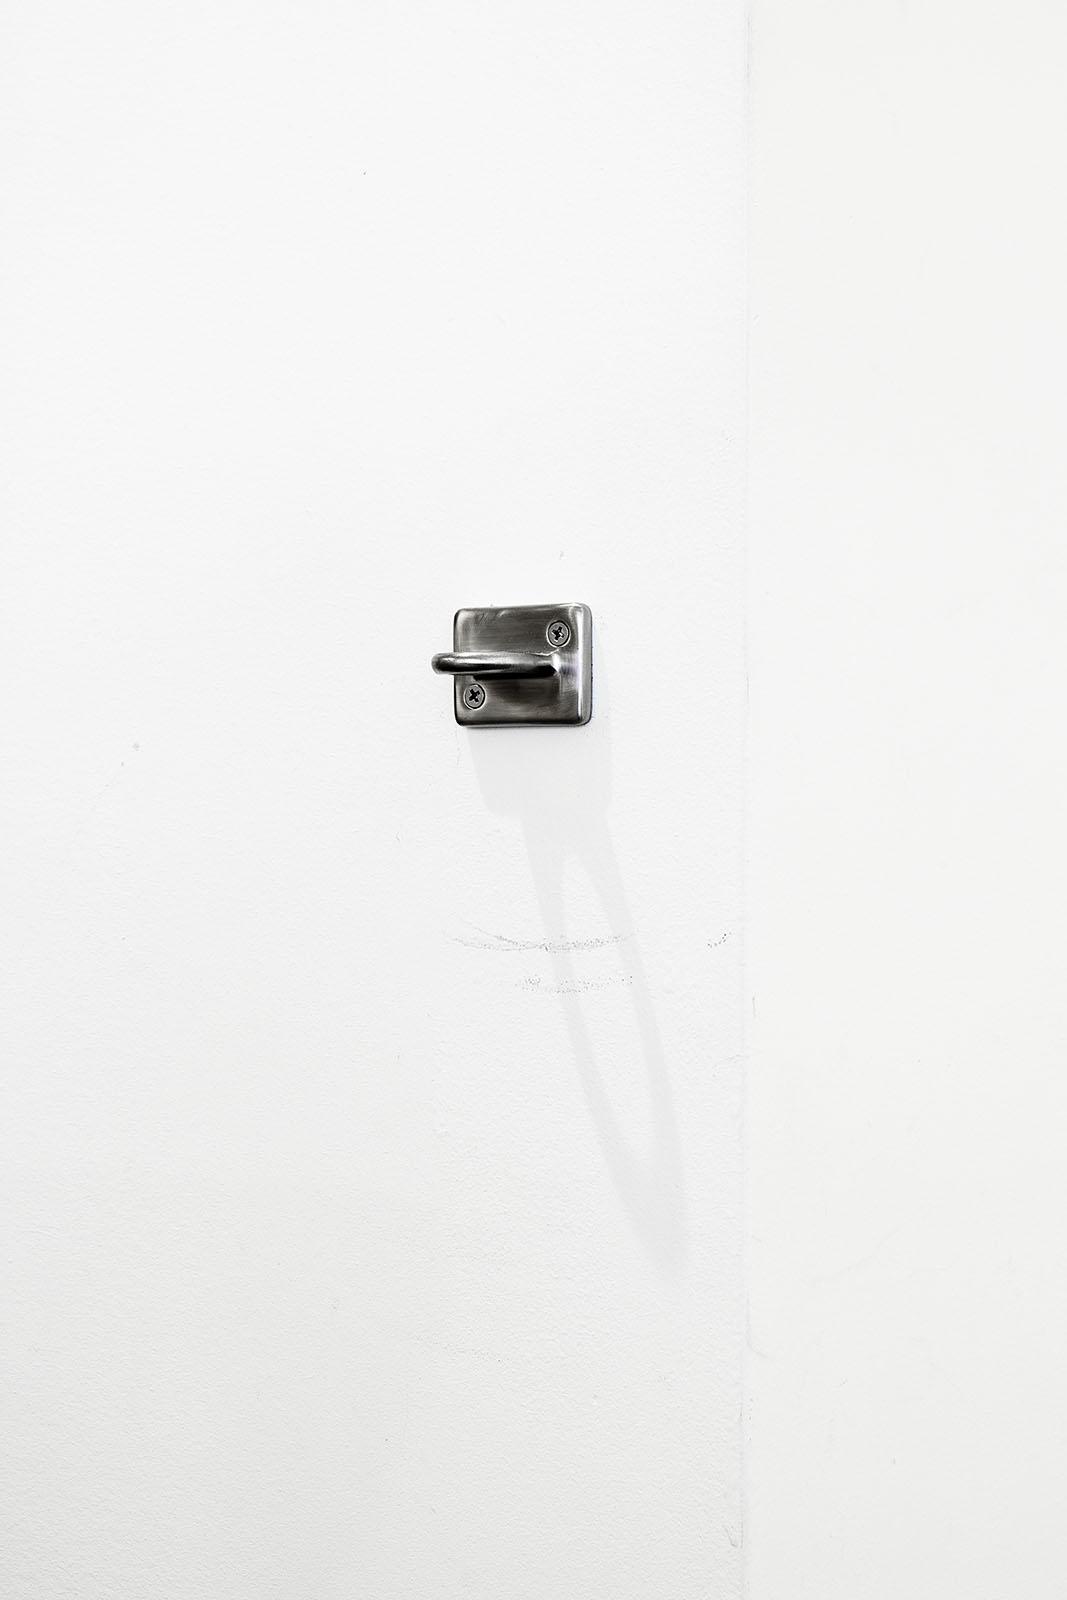 Large Loop Wall Plate_Michael Foley Gallery_2017.jpg